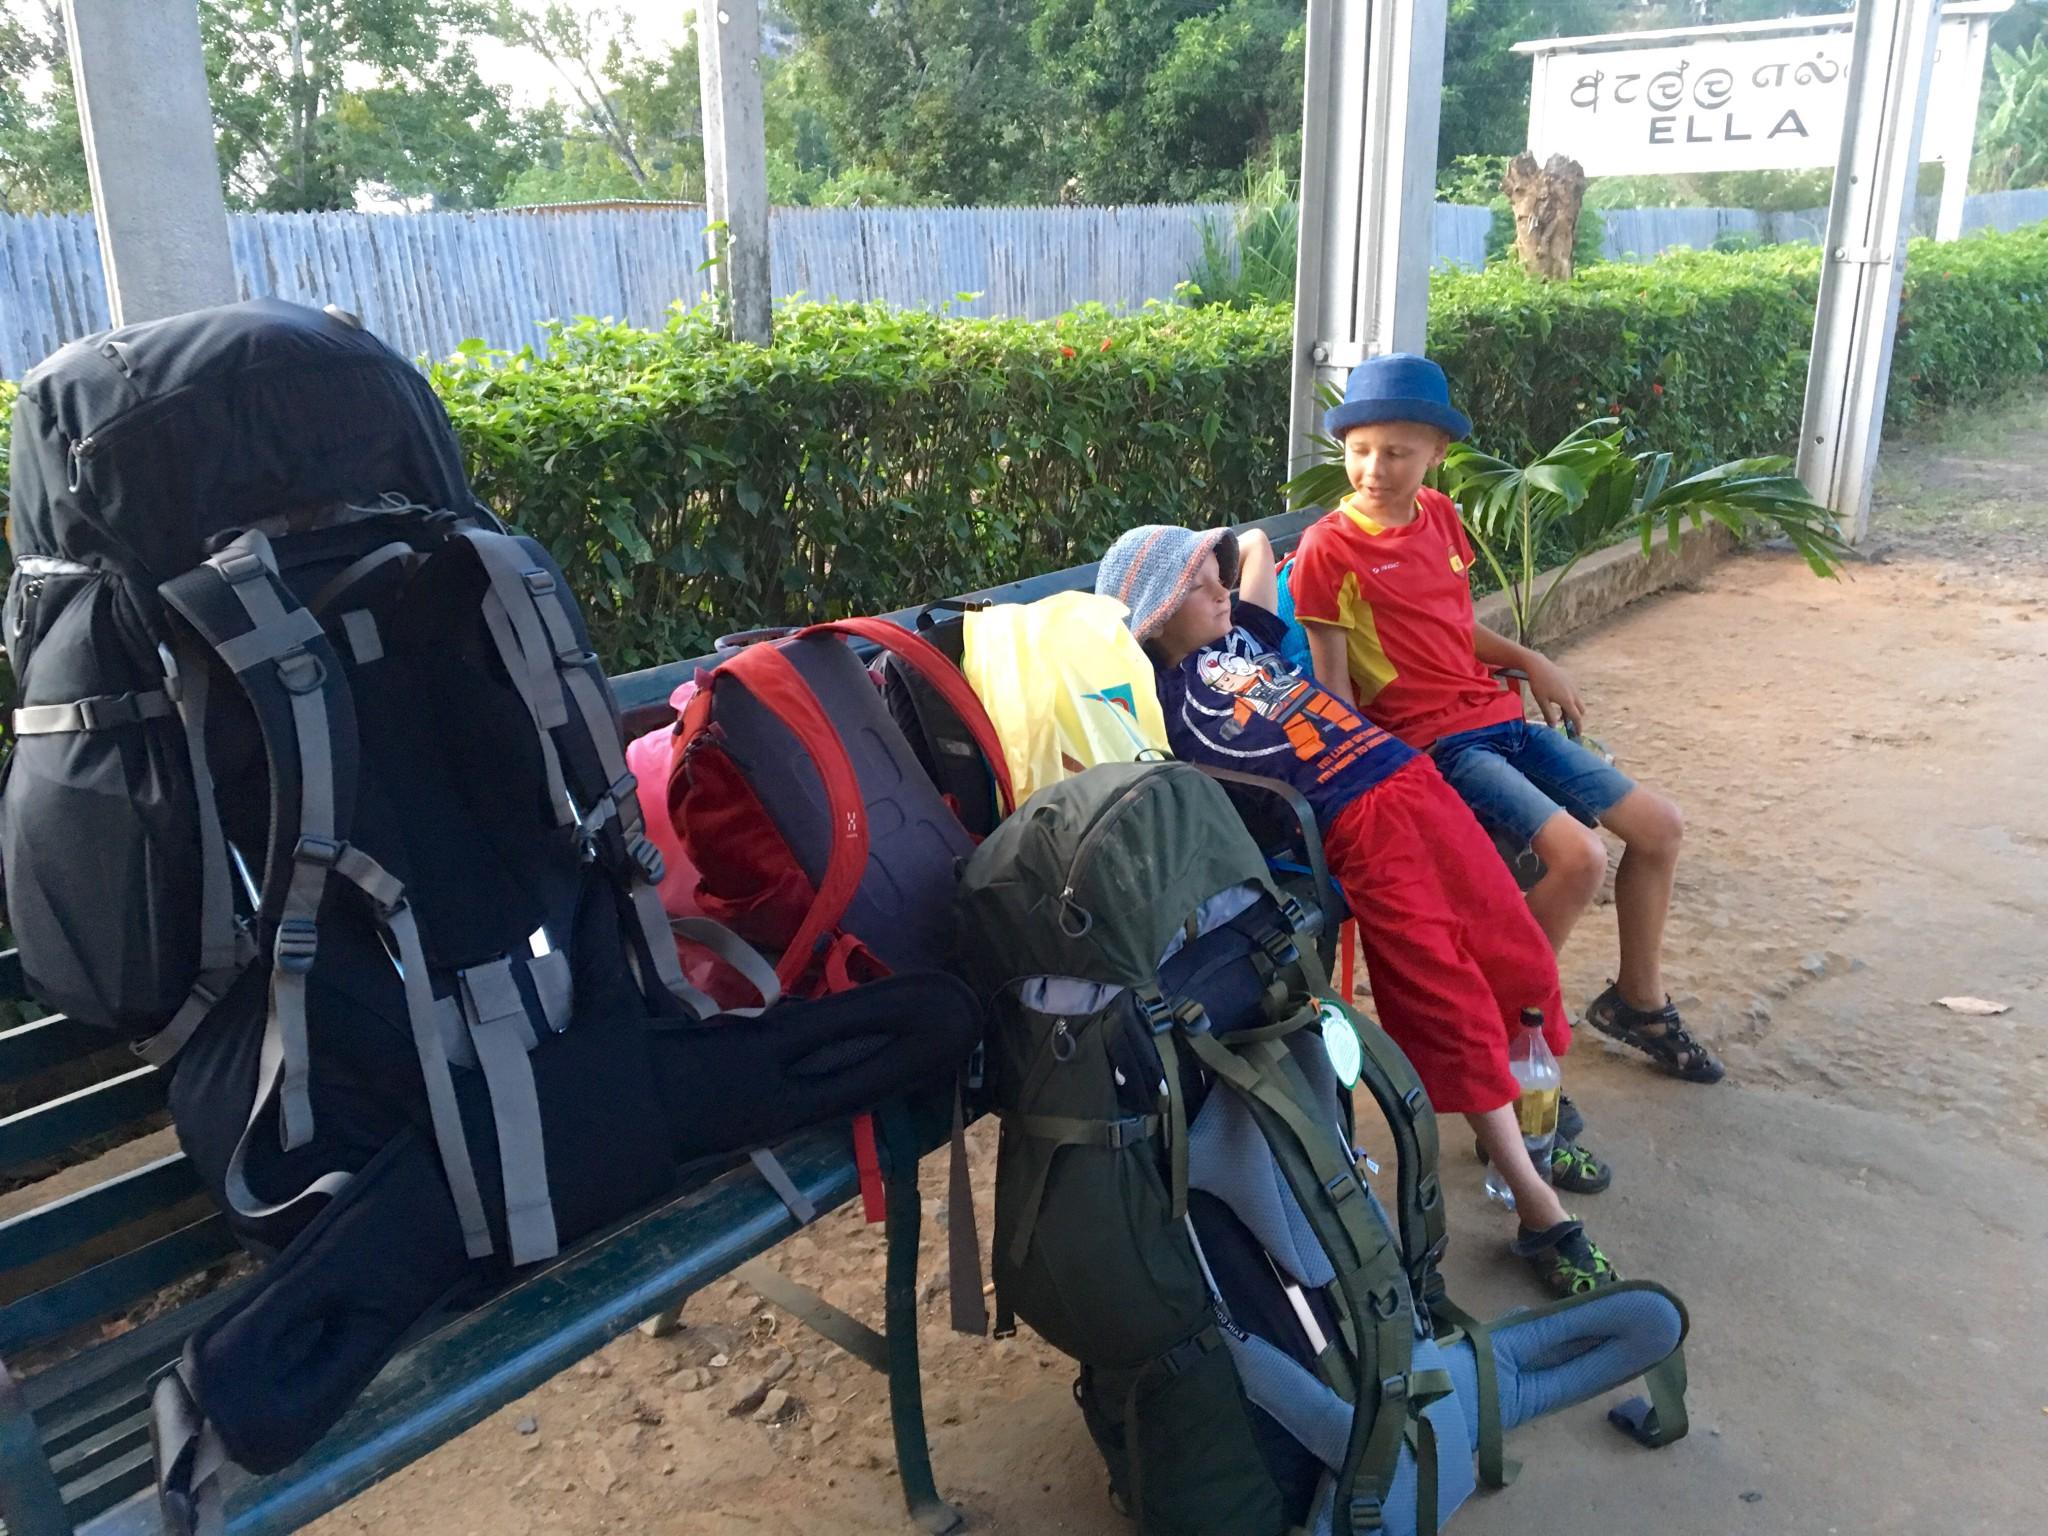 packning resa med barn